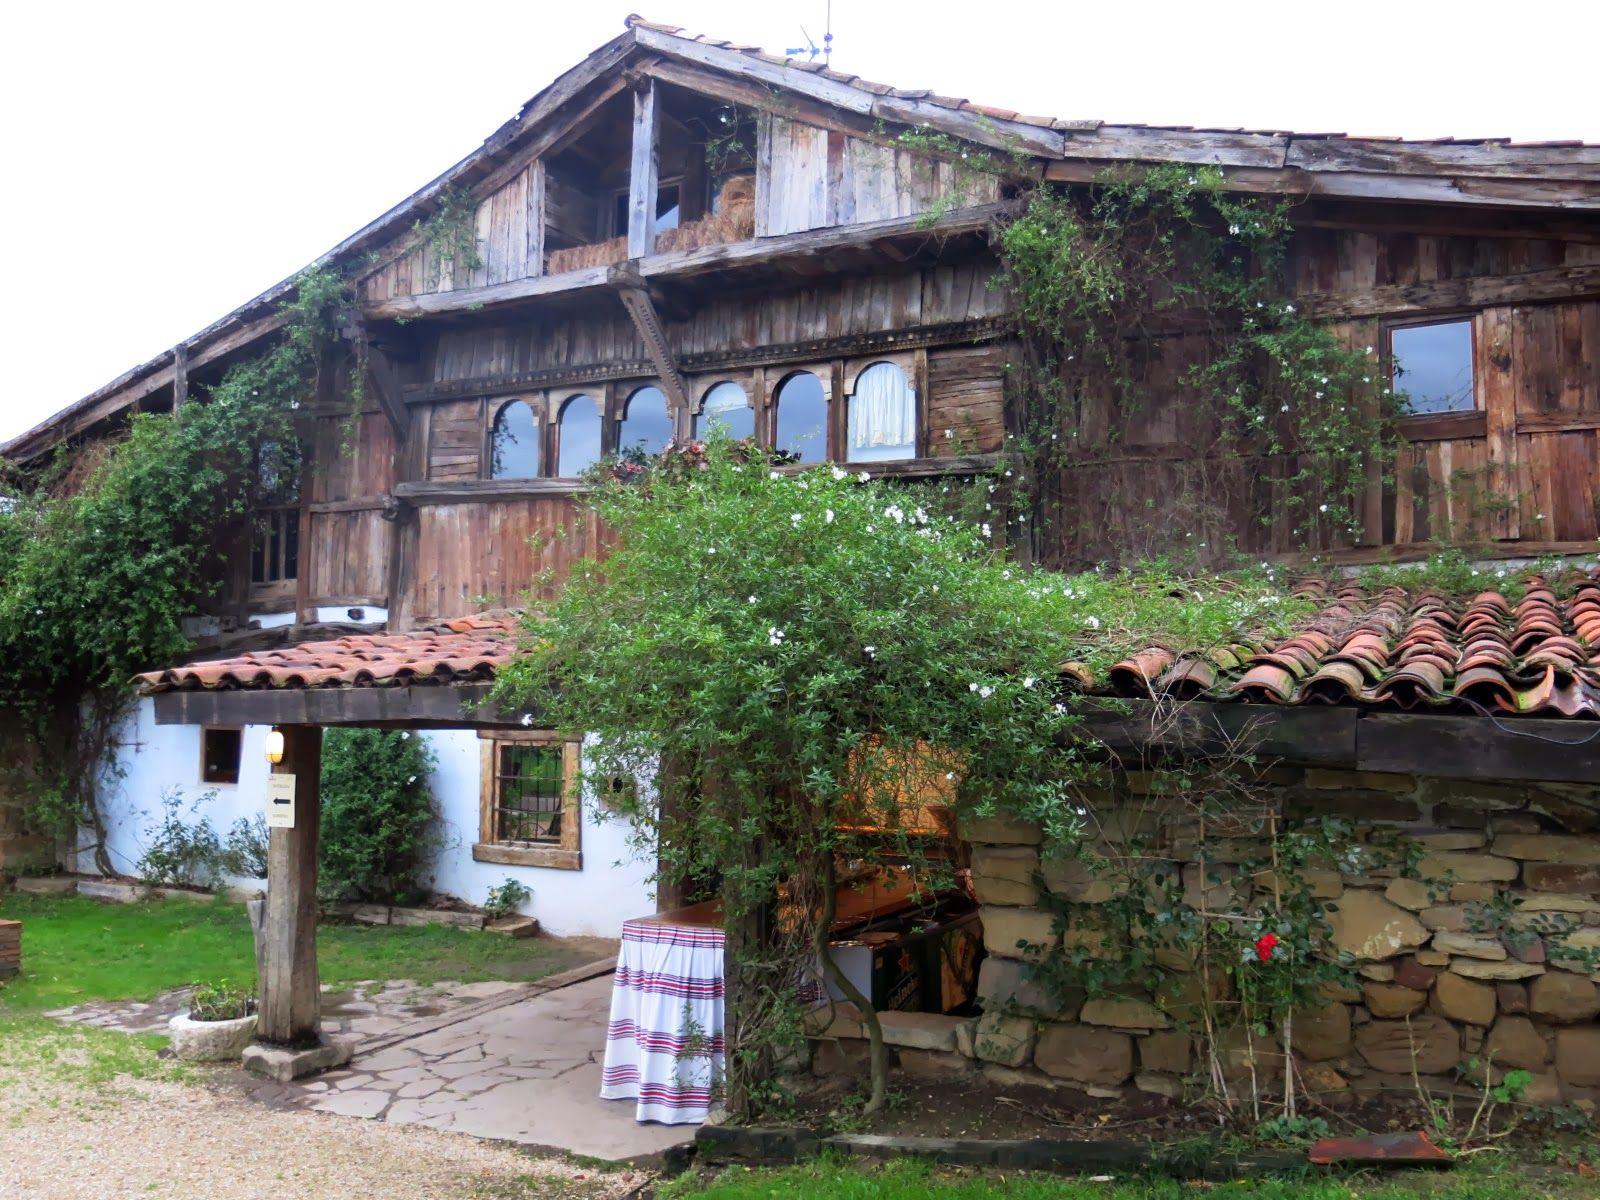 Caserios vascos arquitectura vasca pa s vasco y pais vasco frances - Arquitectura pais vasco ...